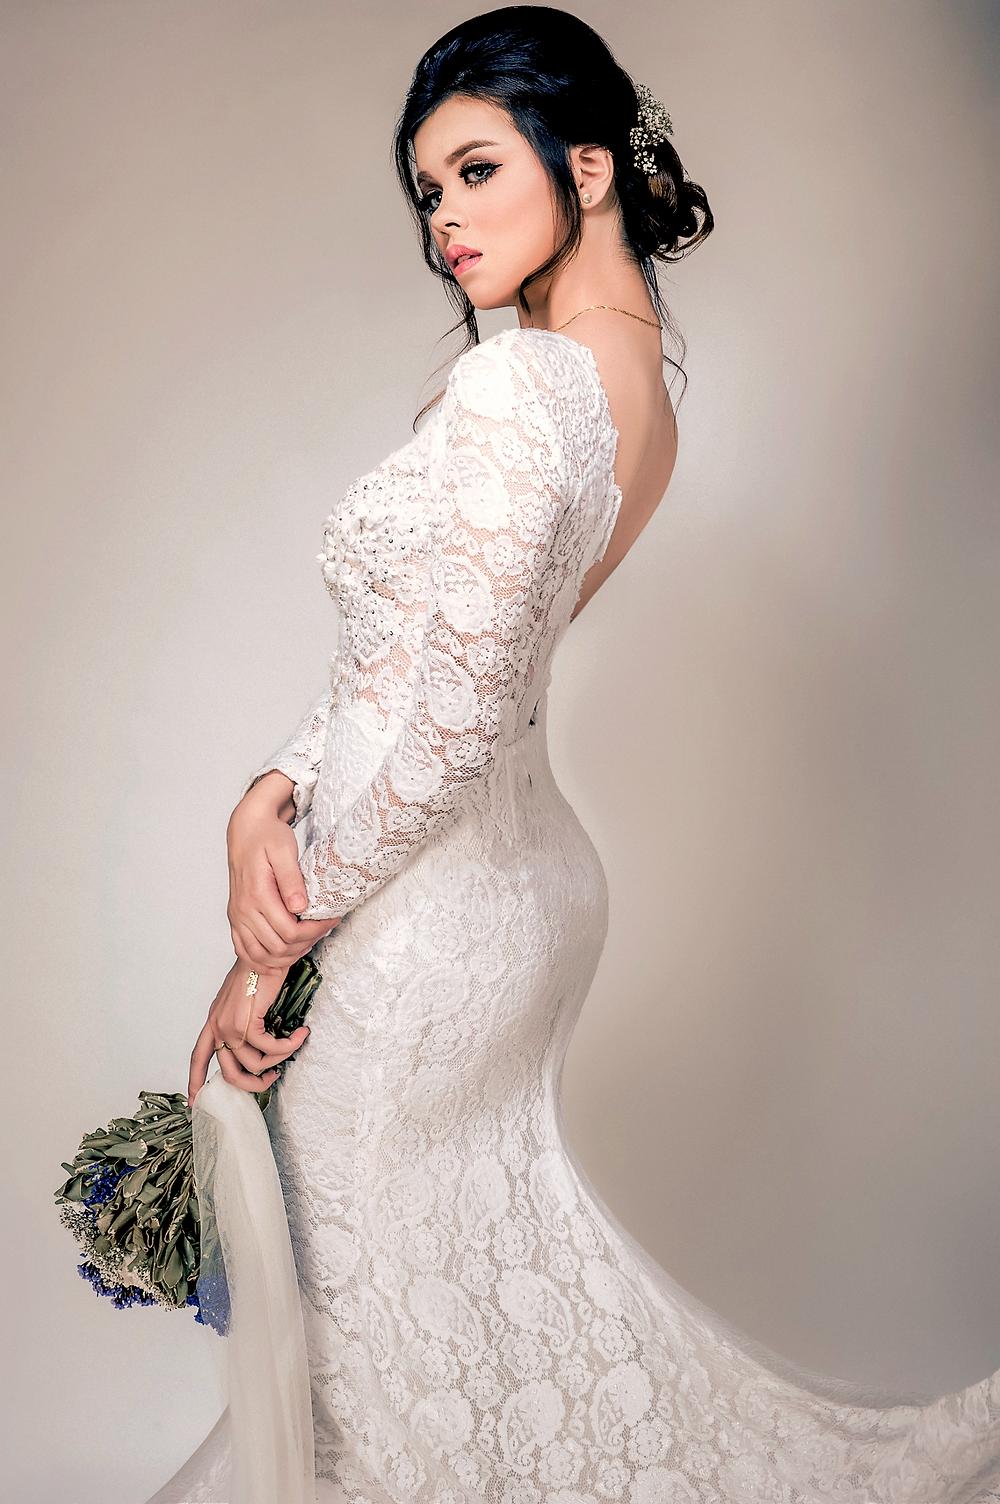 Модные фасоны свадебных платьев: принцесса, рыбка, бохо, ампир